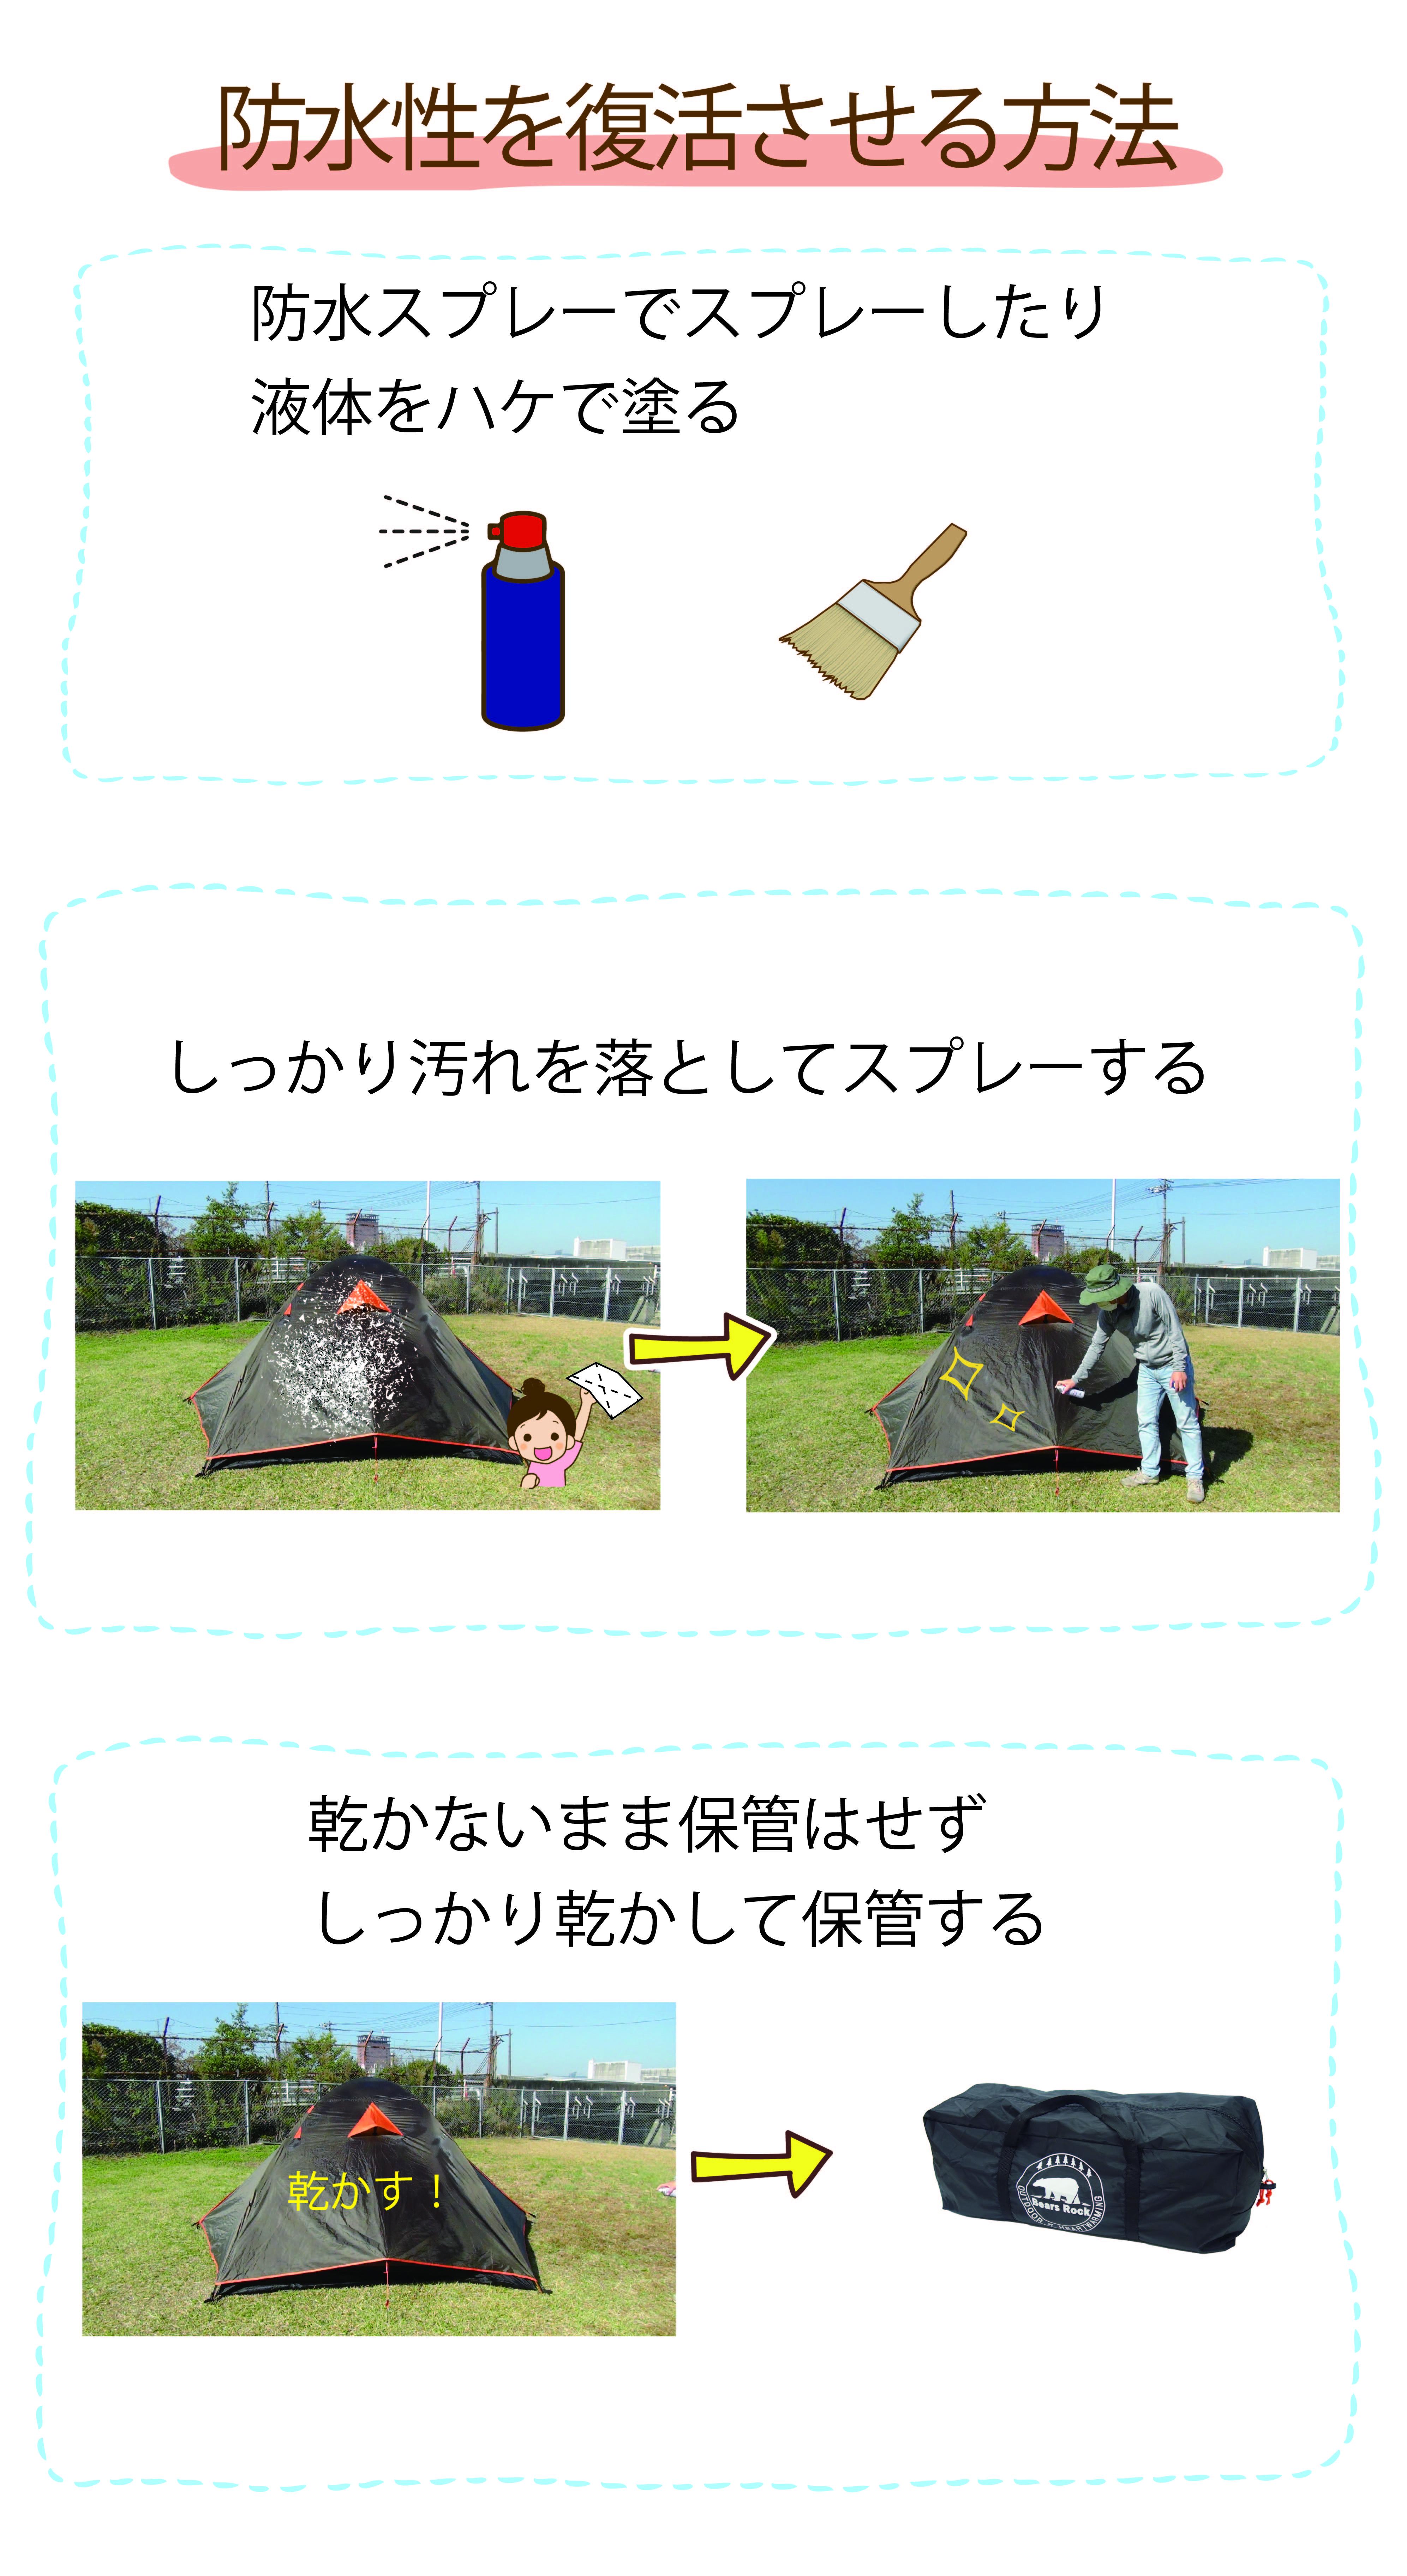 #003まとめ 防水性を復活させる方法-03